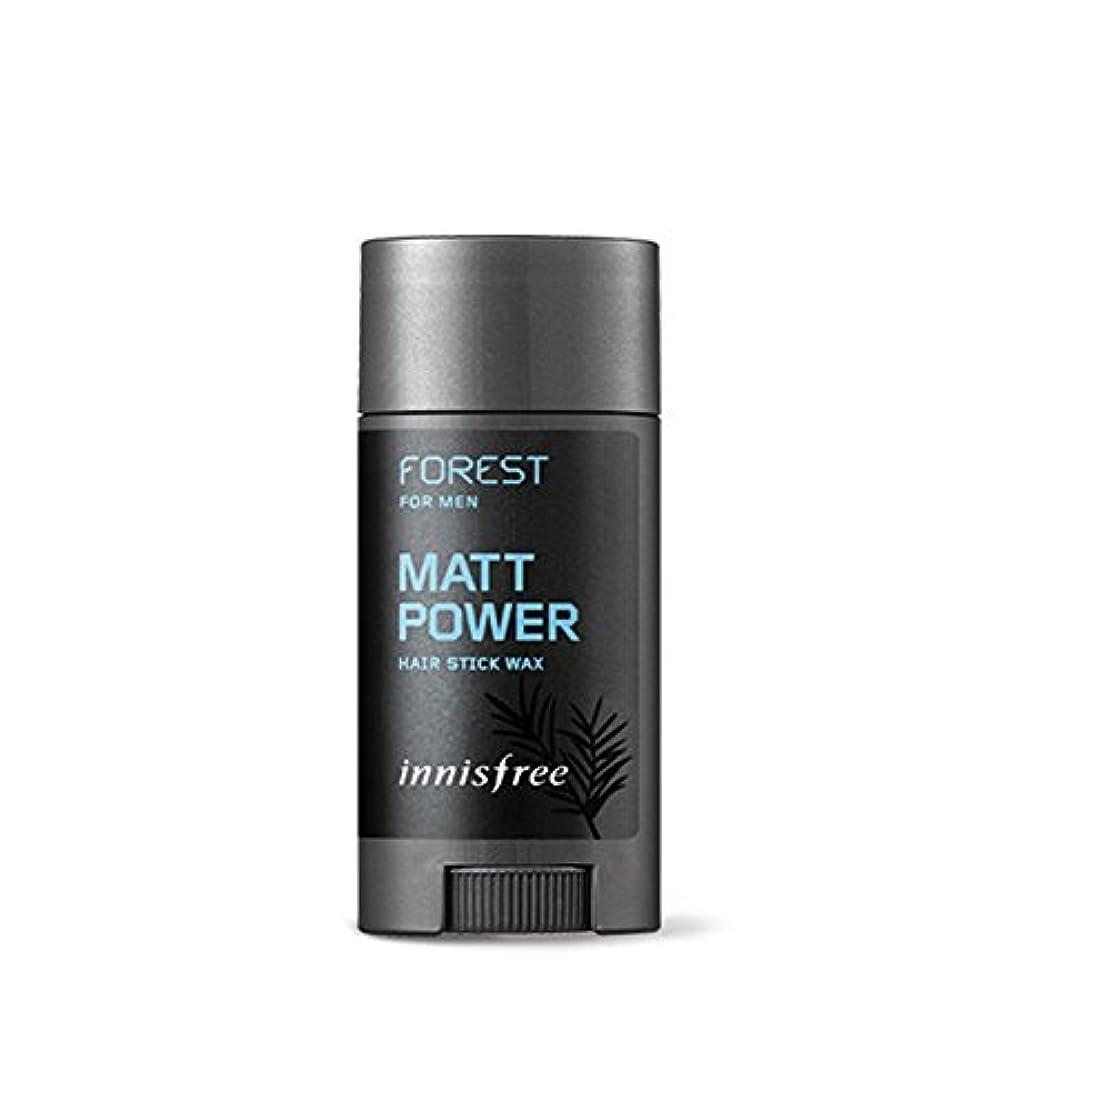 ラベル脱走スタックイニスフリーフォレストメンズヘアスティックワックス、マットパワー15g / Innisfree Forest for Men Hair Stick Wax, Matt Power 15g [並行輸入品][海外直送品]